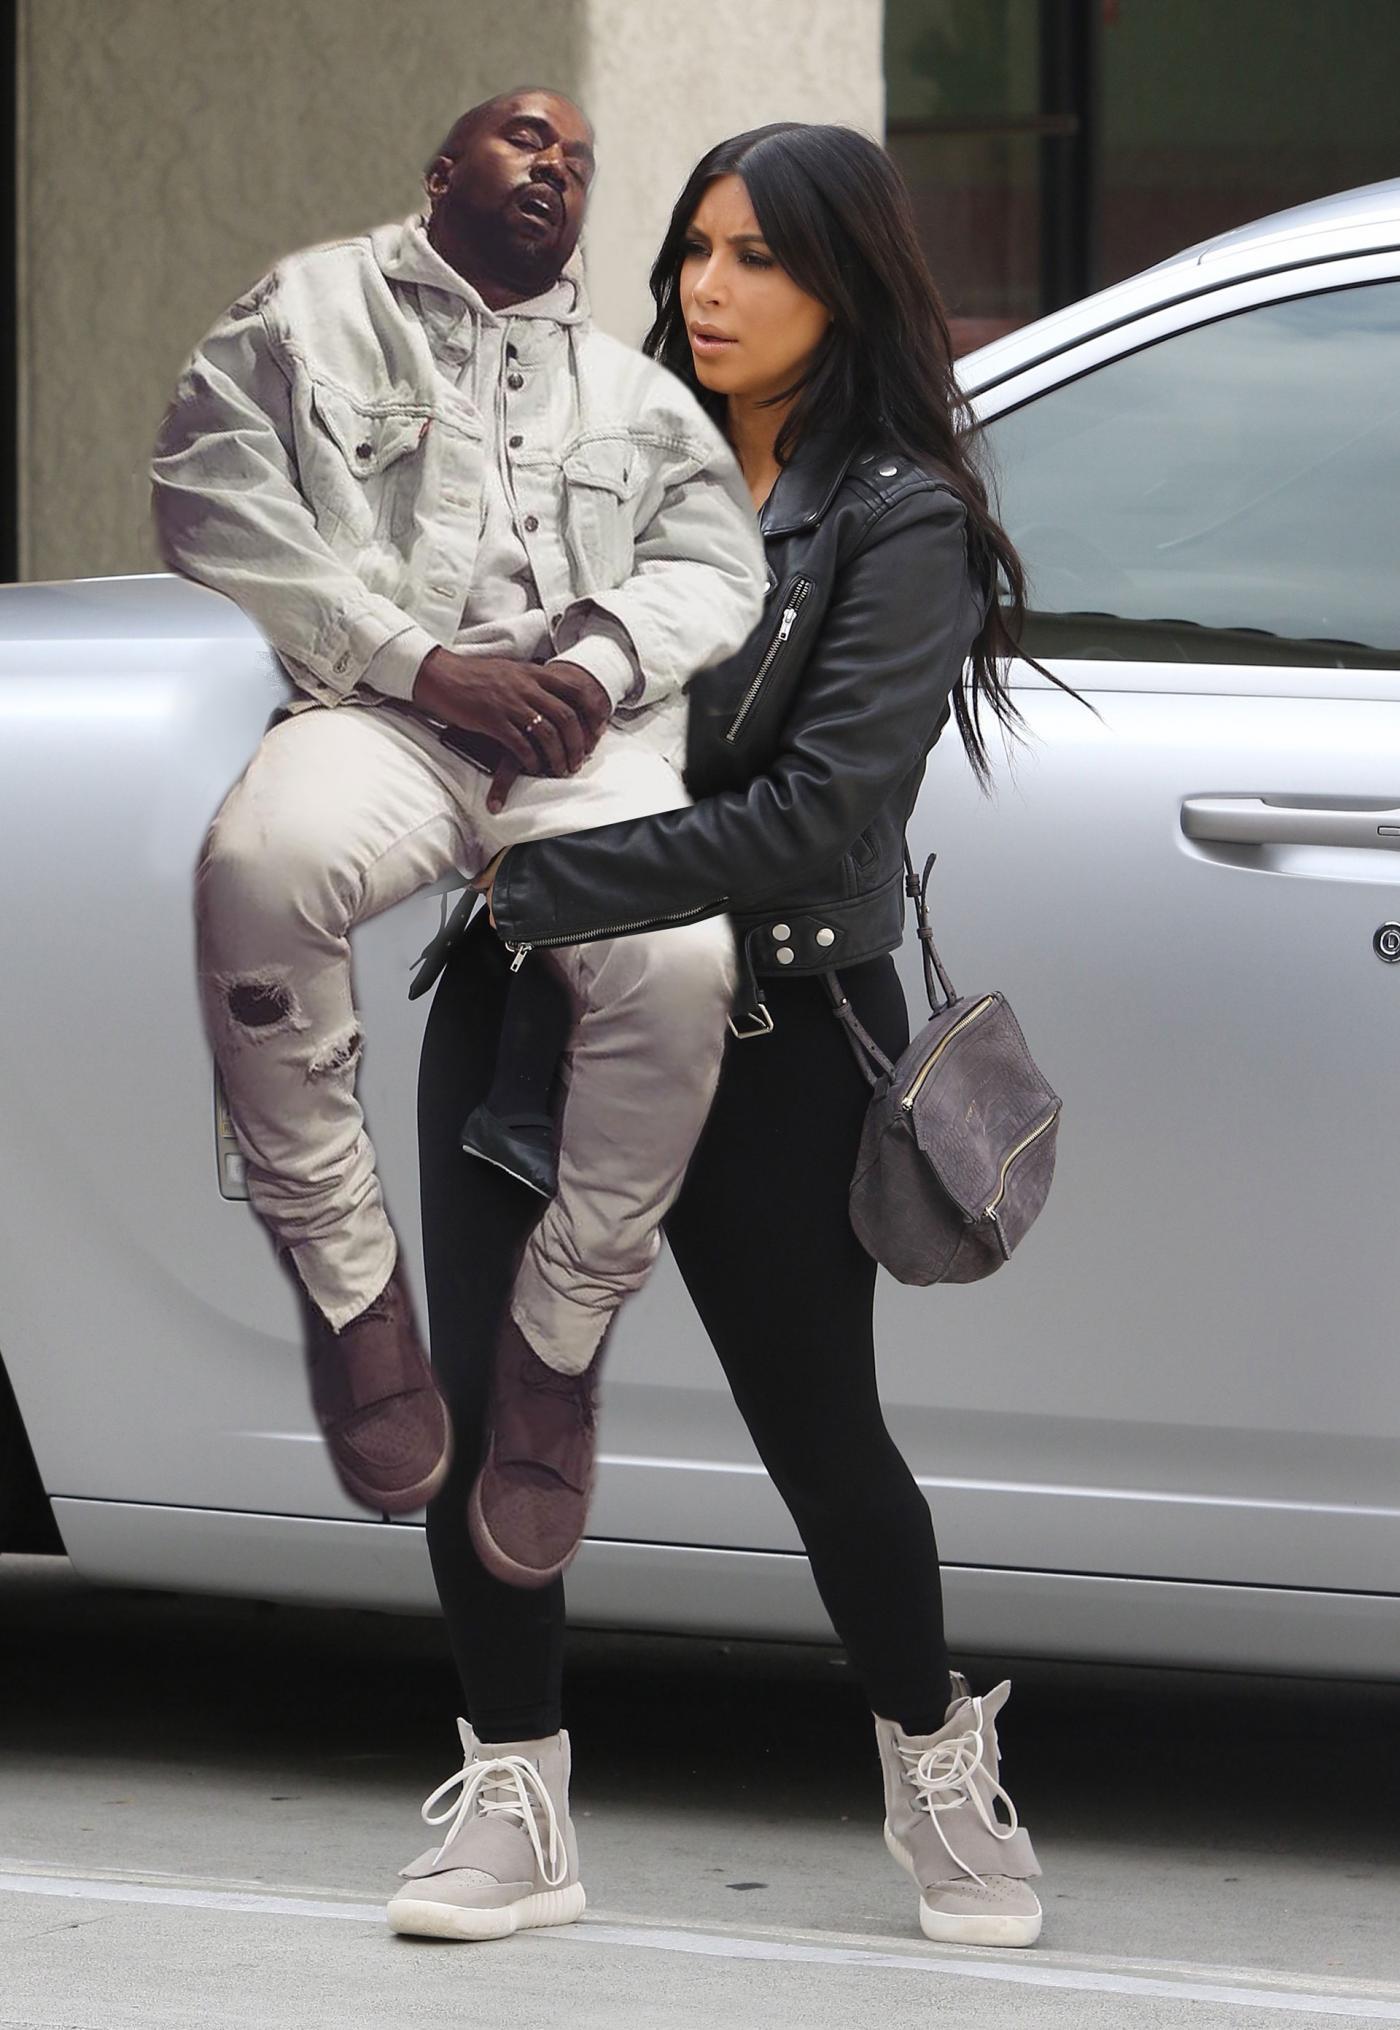 Kanye West usnął w galerii - internet śmieje się memami